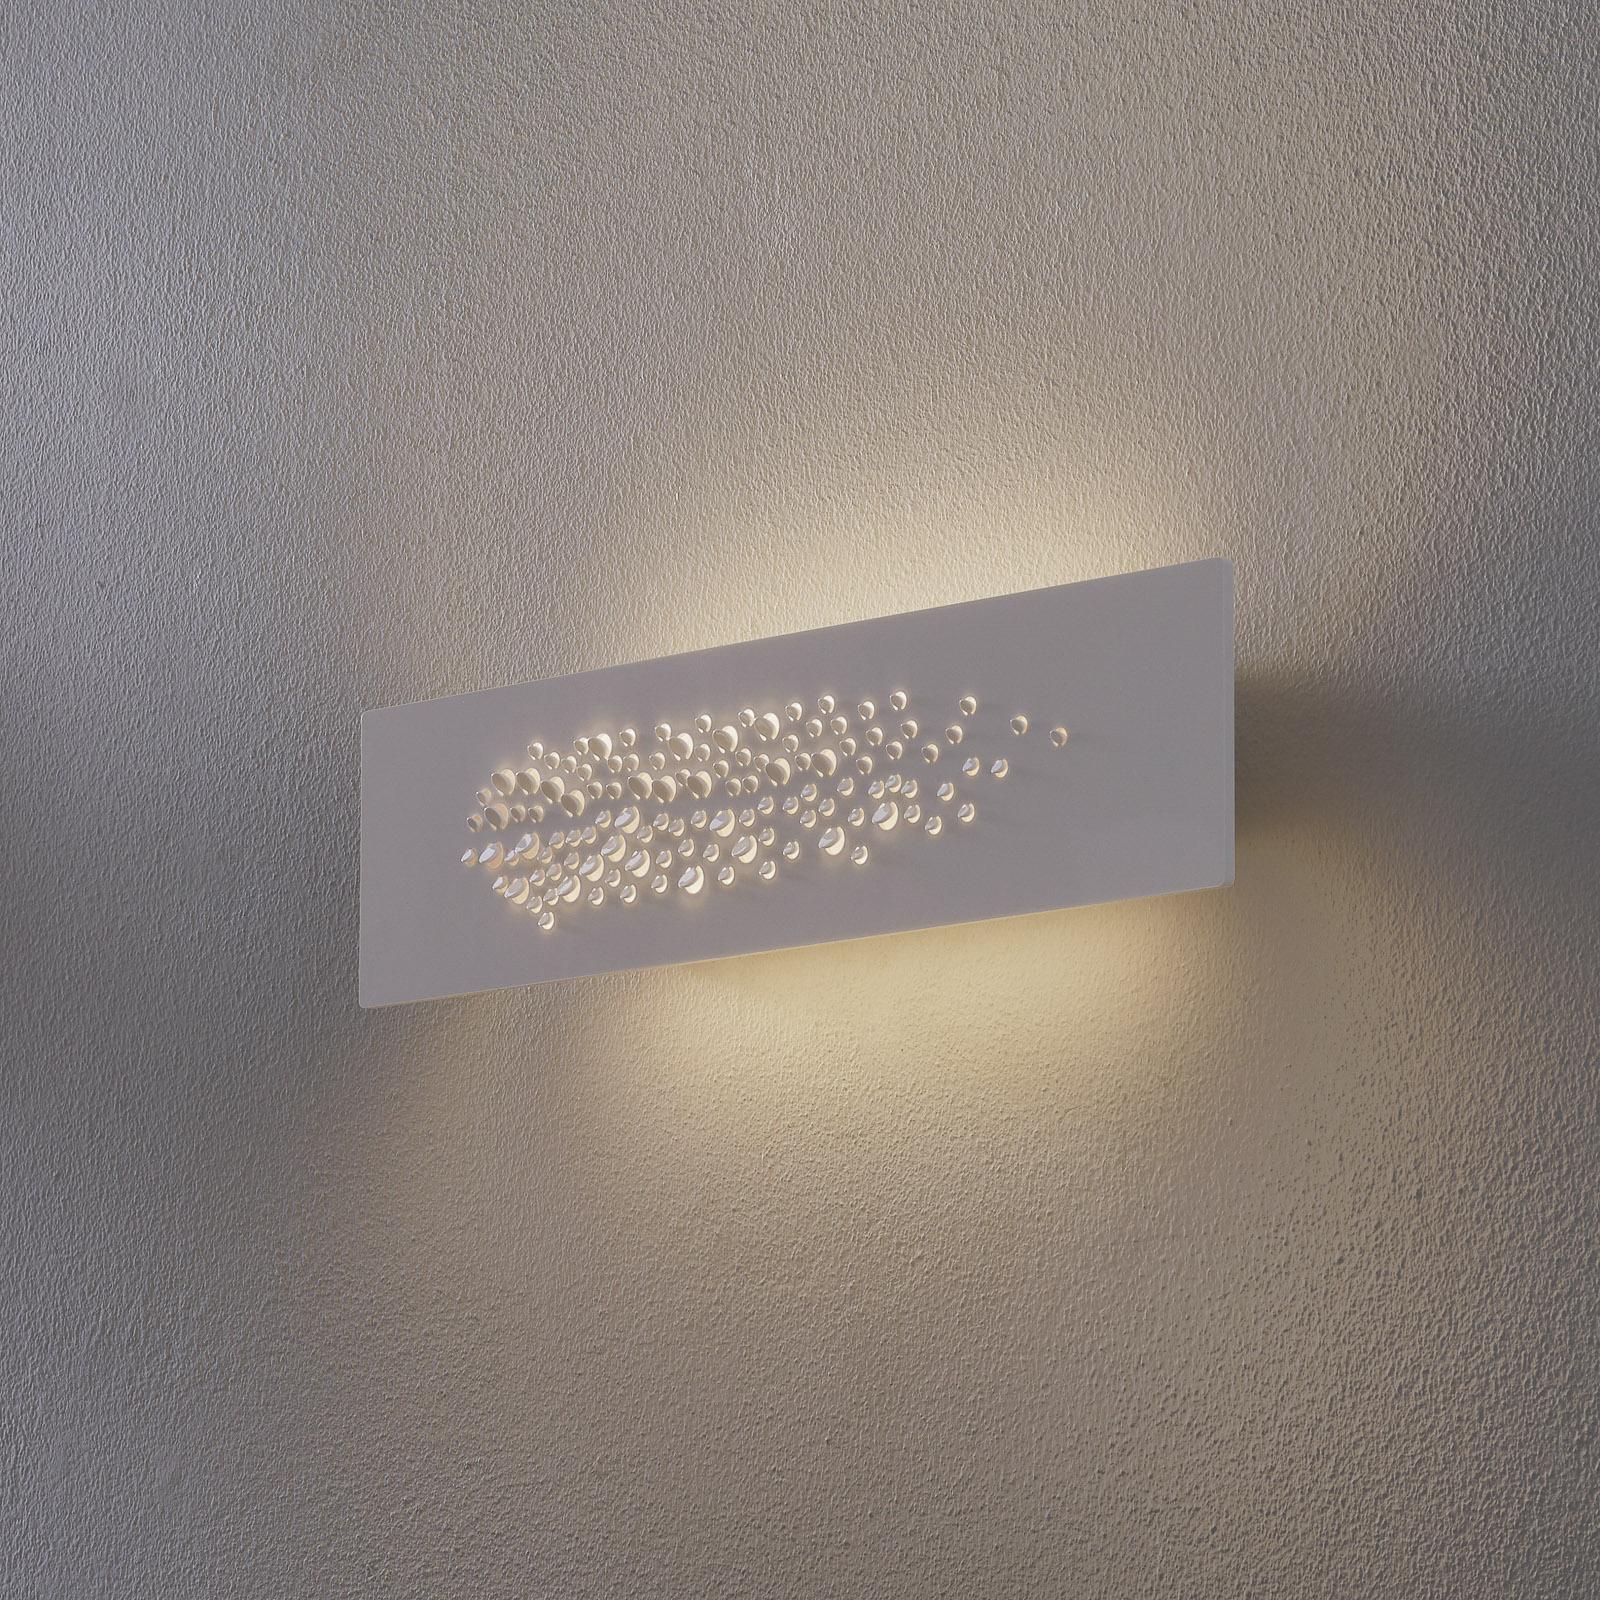 Design wandlamp Islet met LED's